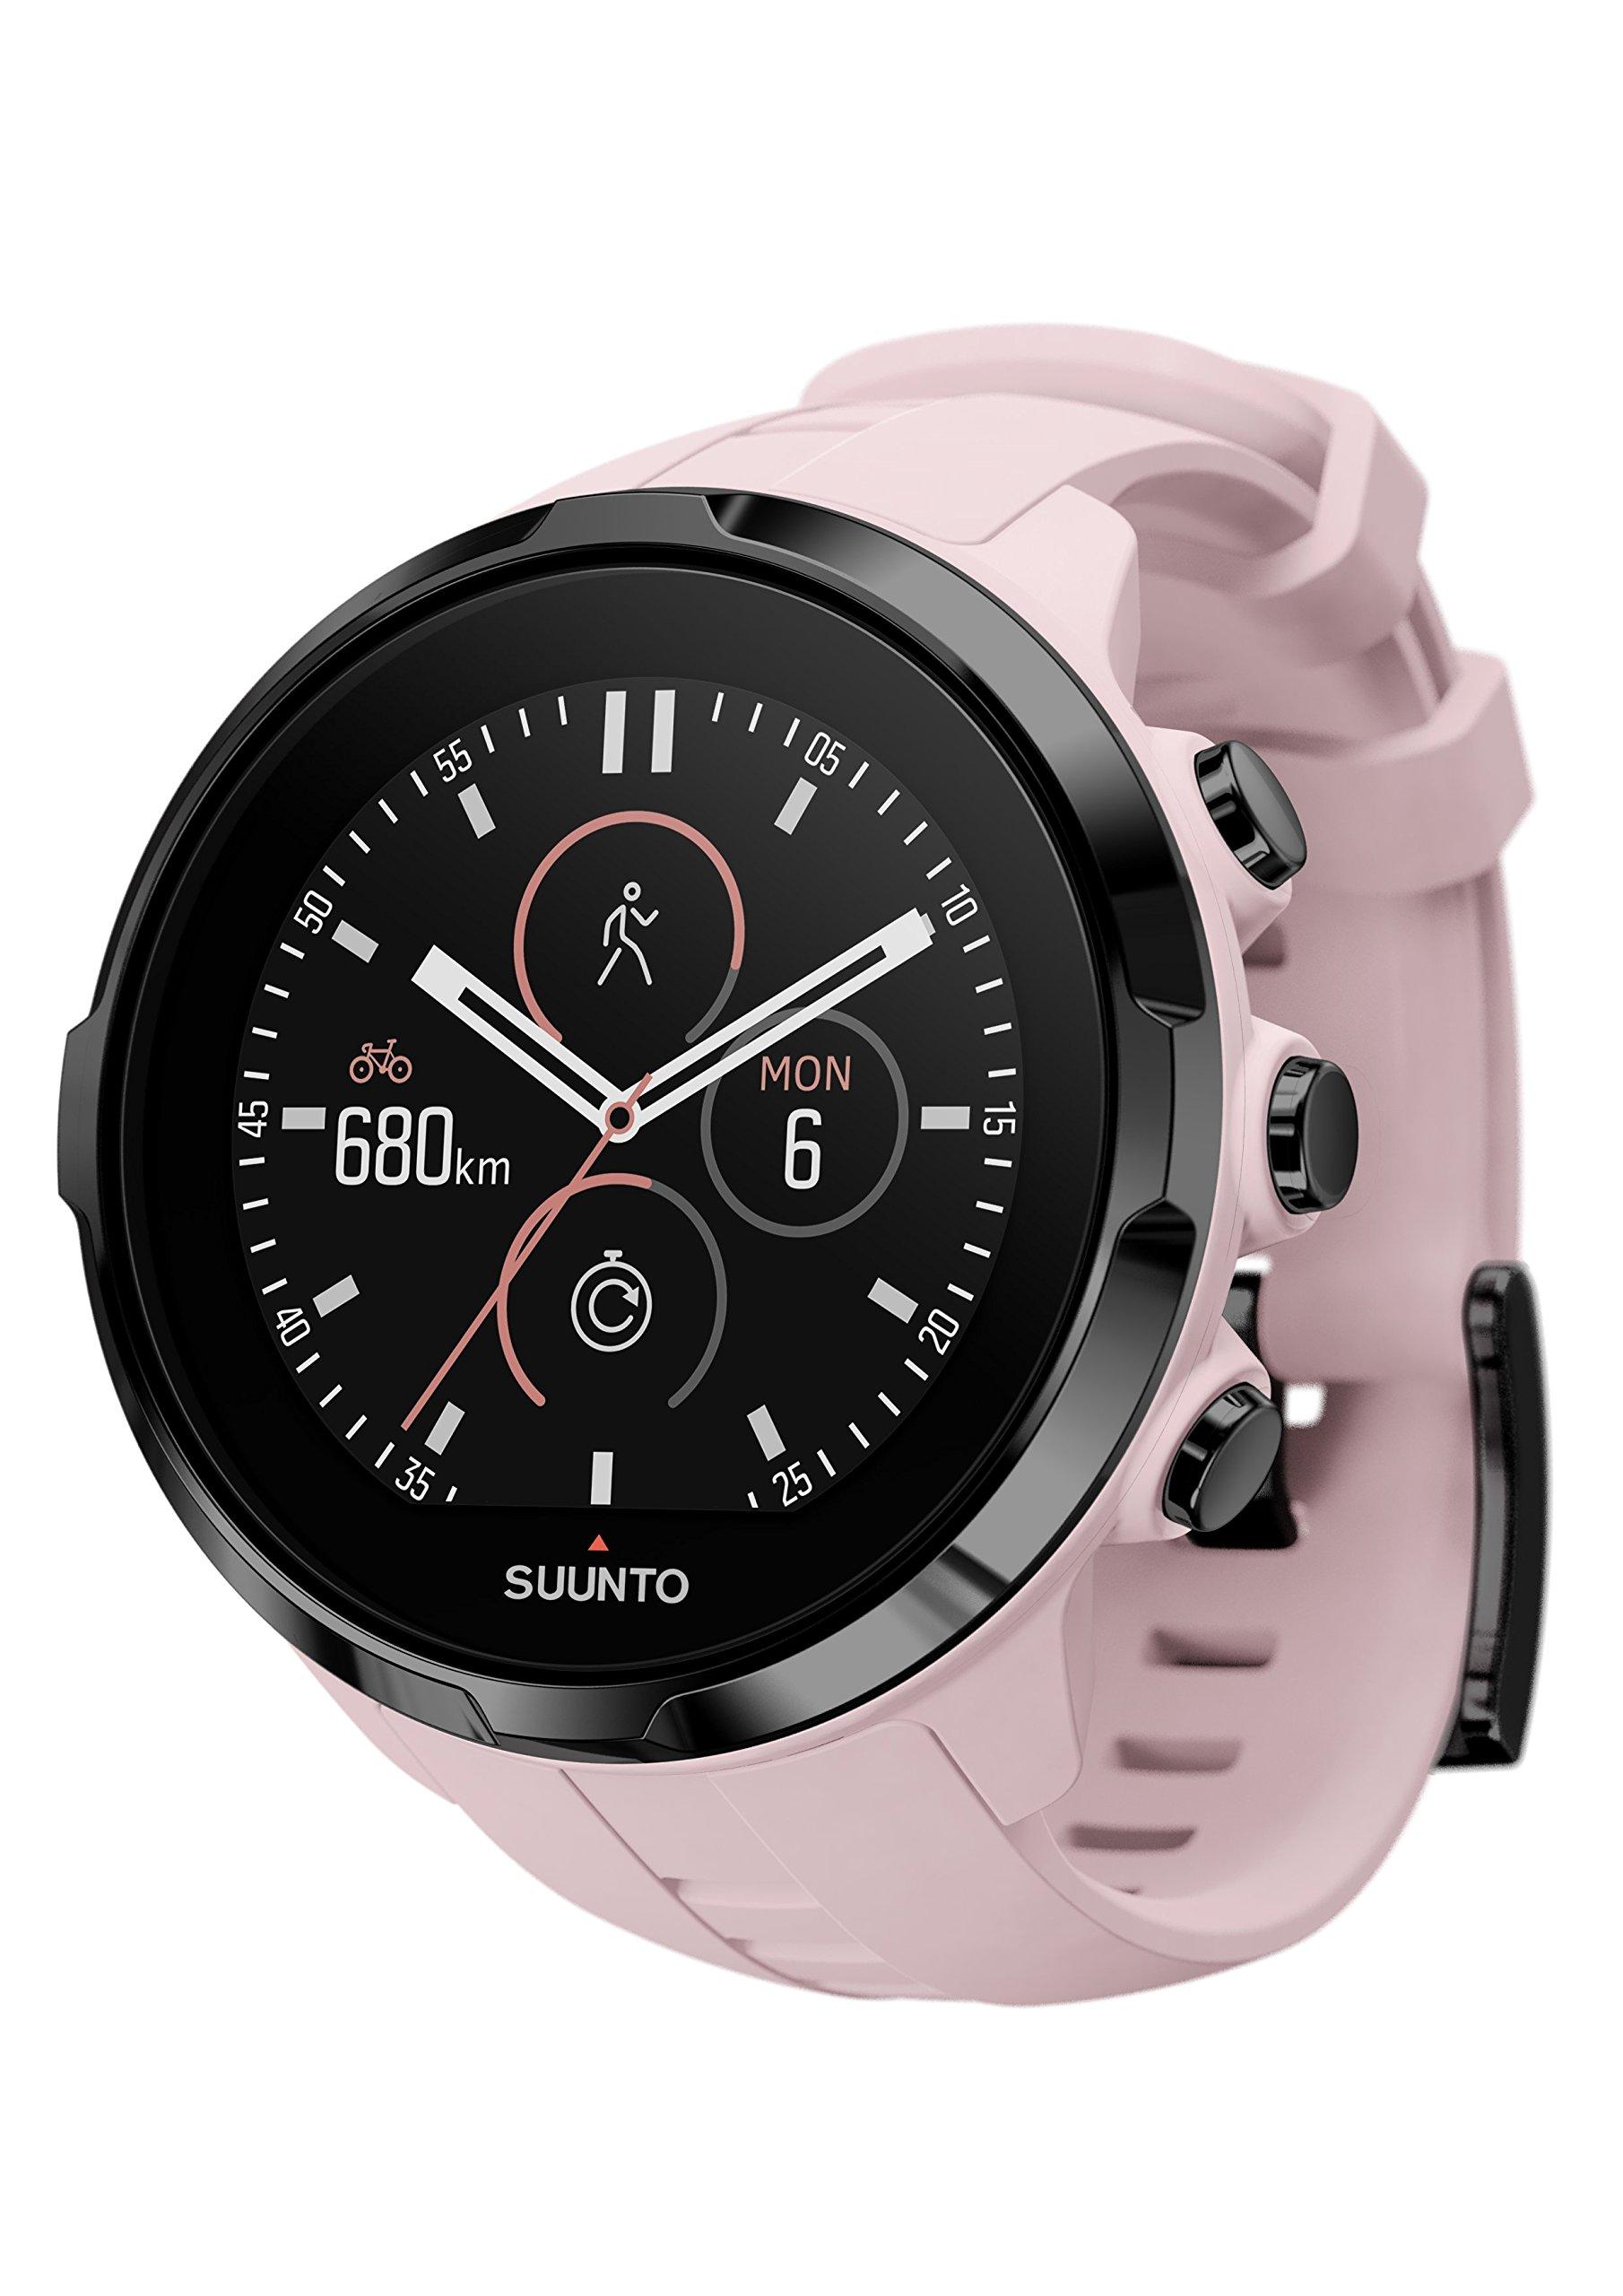 SUUNTO Spartan Sport (Wrist - Hr), Pink